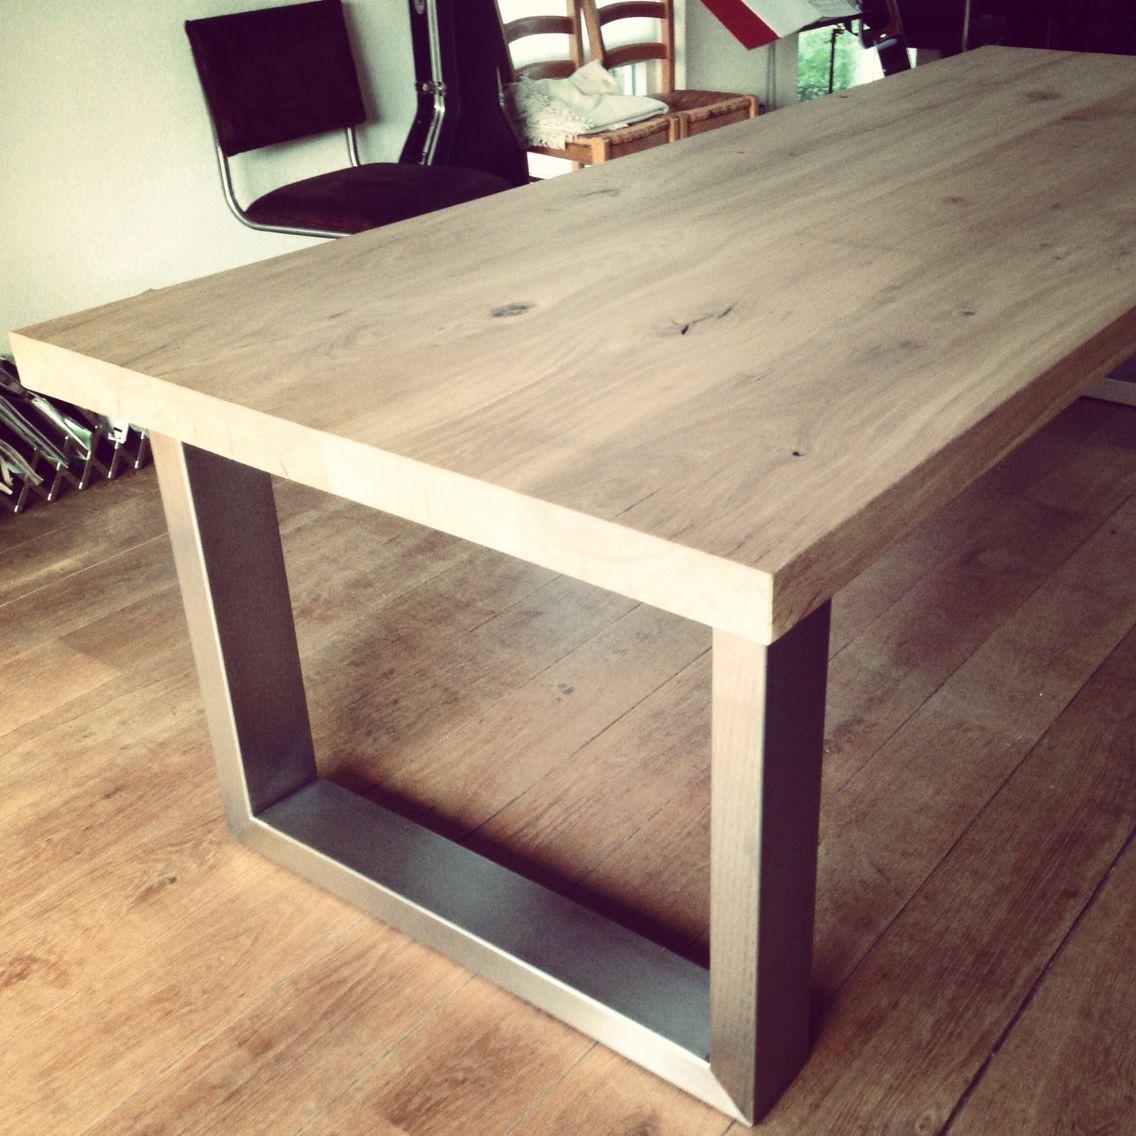 robuuste tafel eiken rvs industriele tafels pinterest tisch esstisch und esszimmer. Black Bedroom Furniture Sets. Home Design Ideas